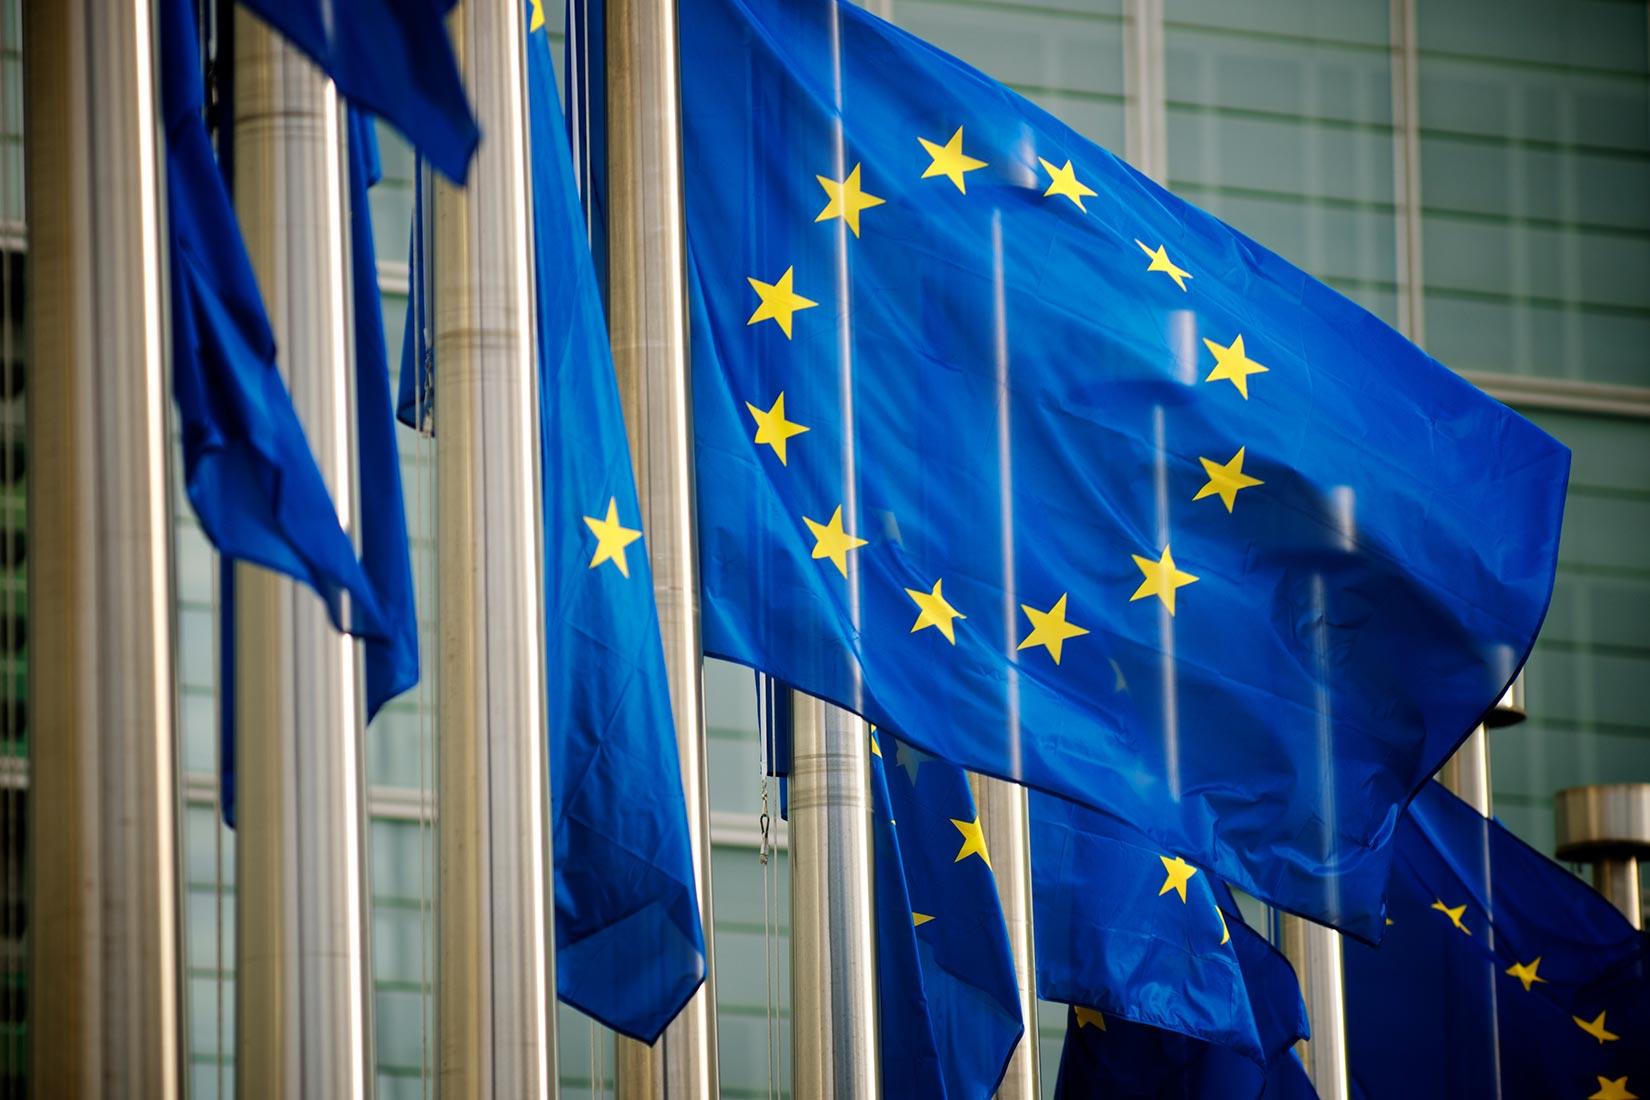 欧州の戦略的自律と核抑止<br>−EU・NATO協力の進展とインド太平洋地域への影響−